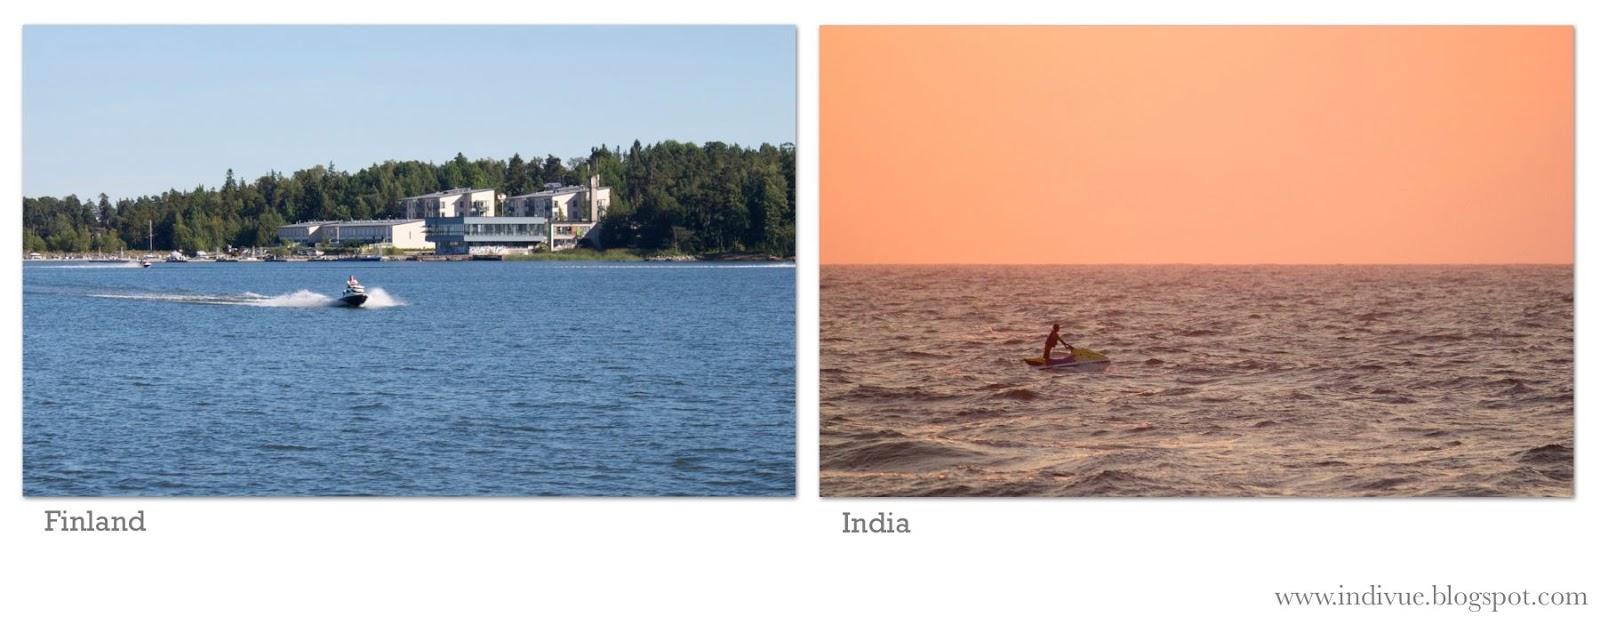 Vesiskootteri Suomessa ja Intiassa